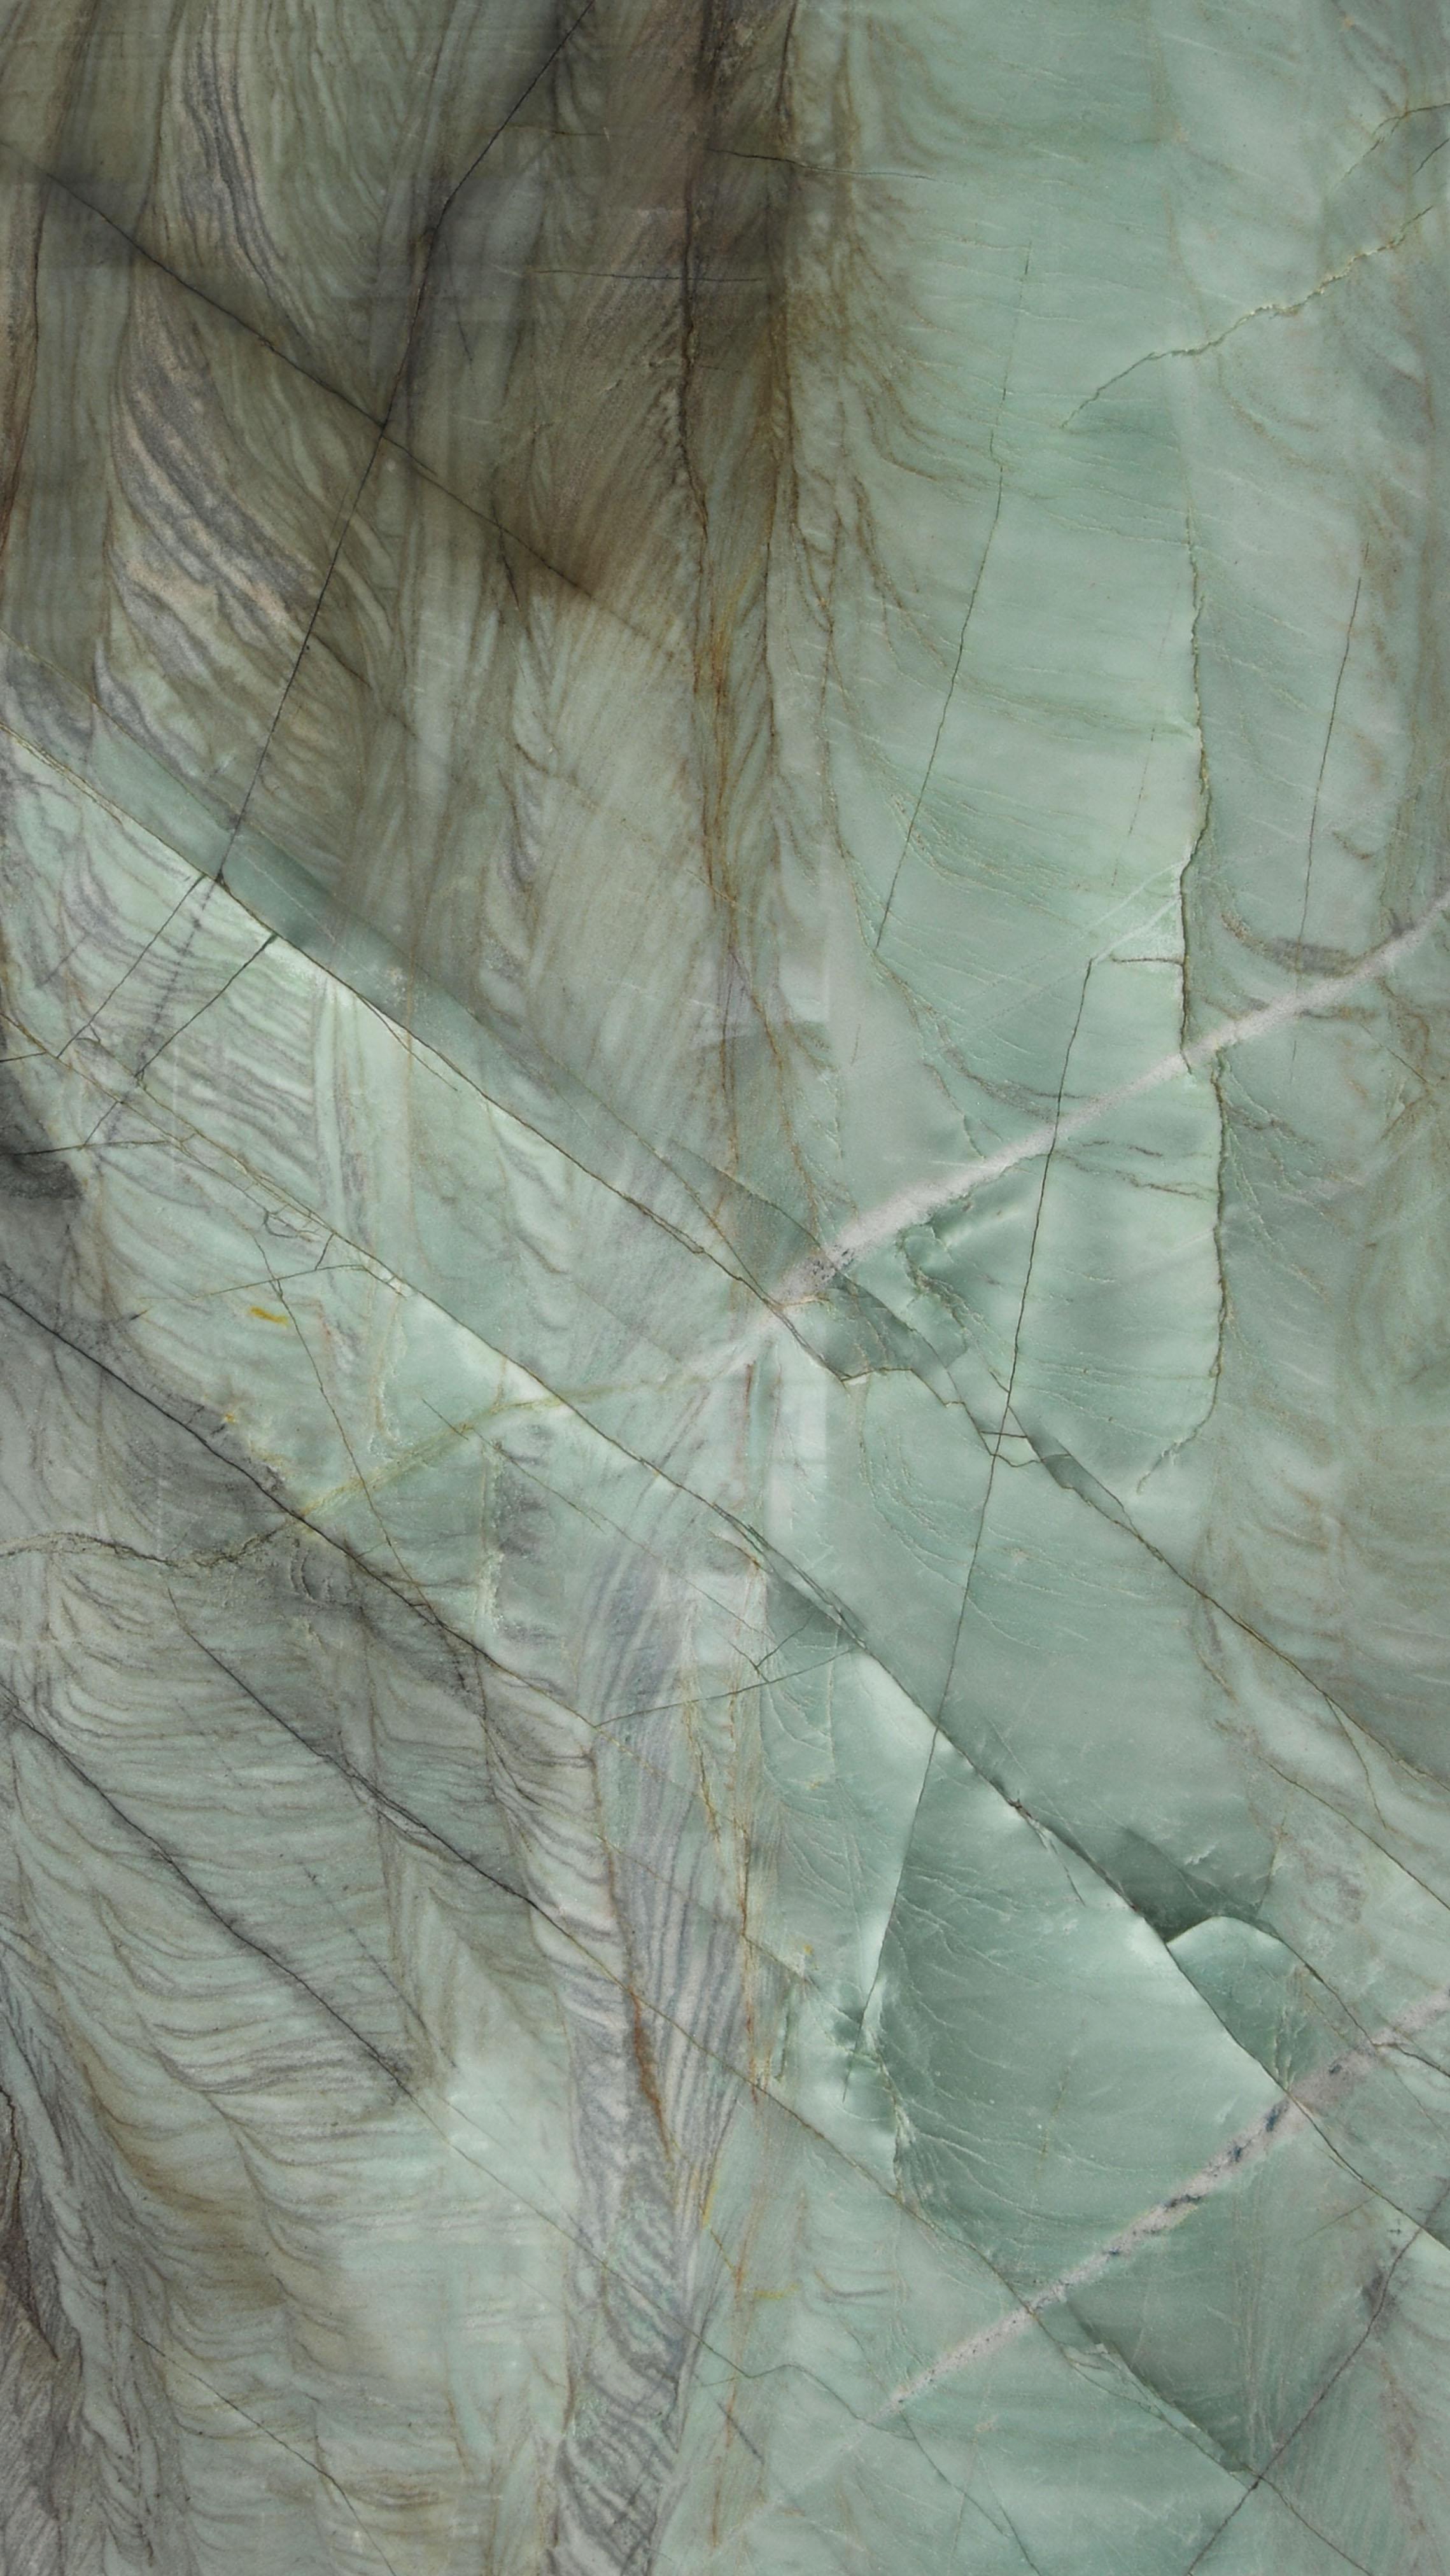 Cristallo Tiffany 4 Quartzite